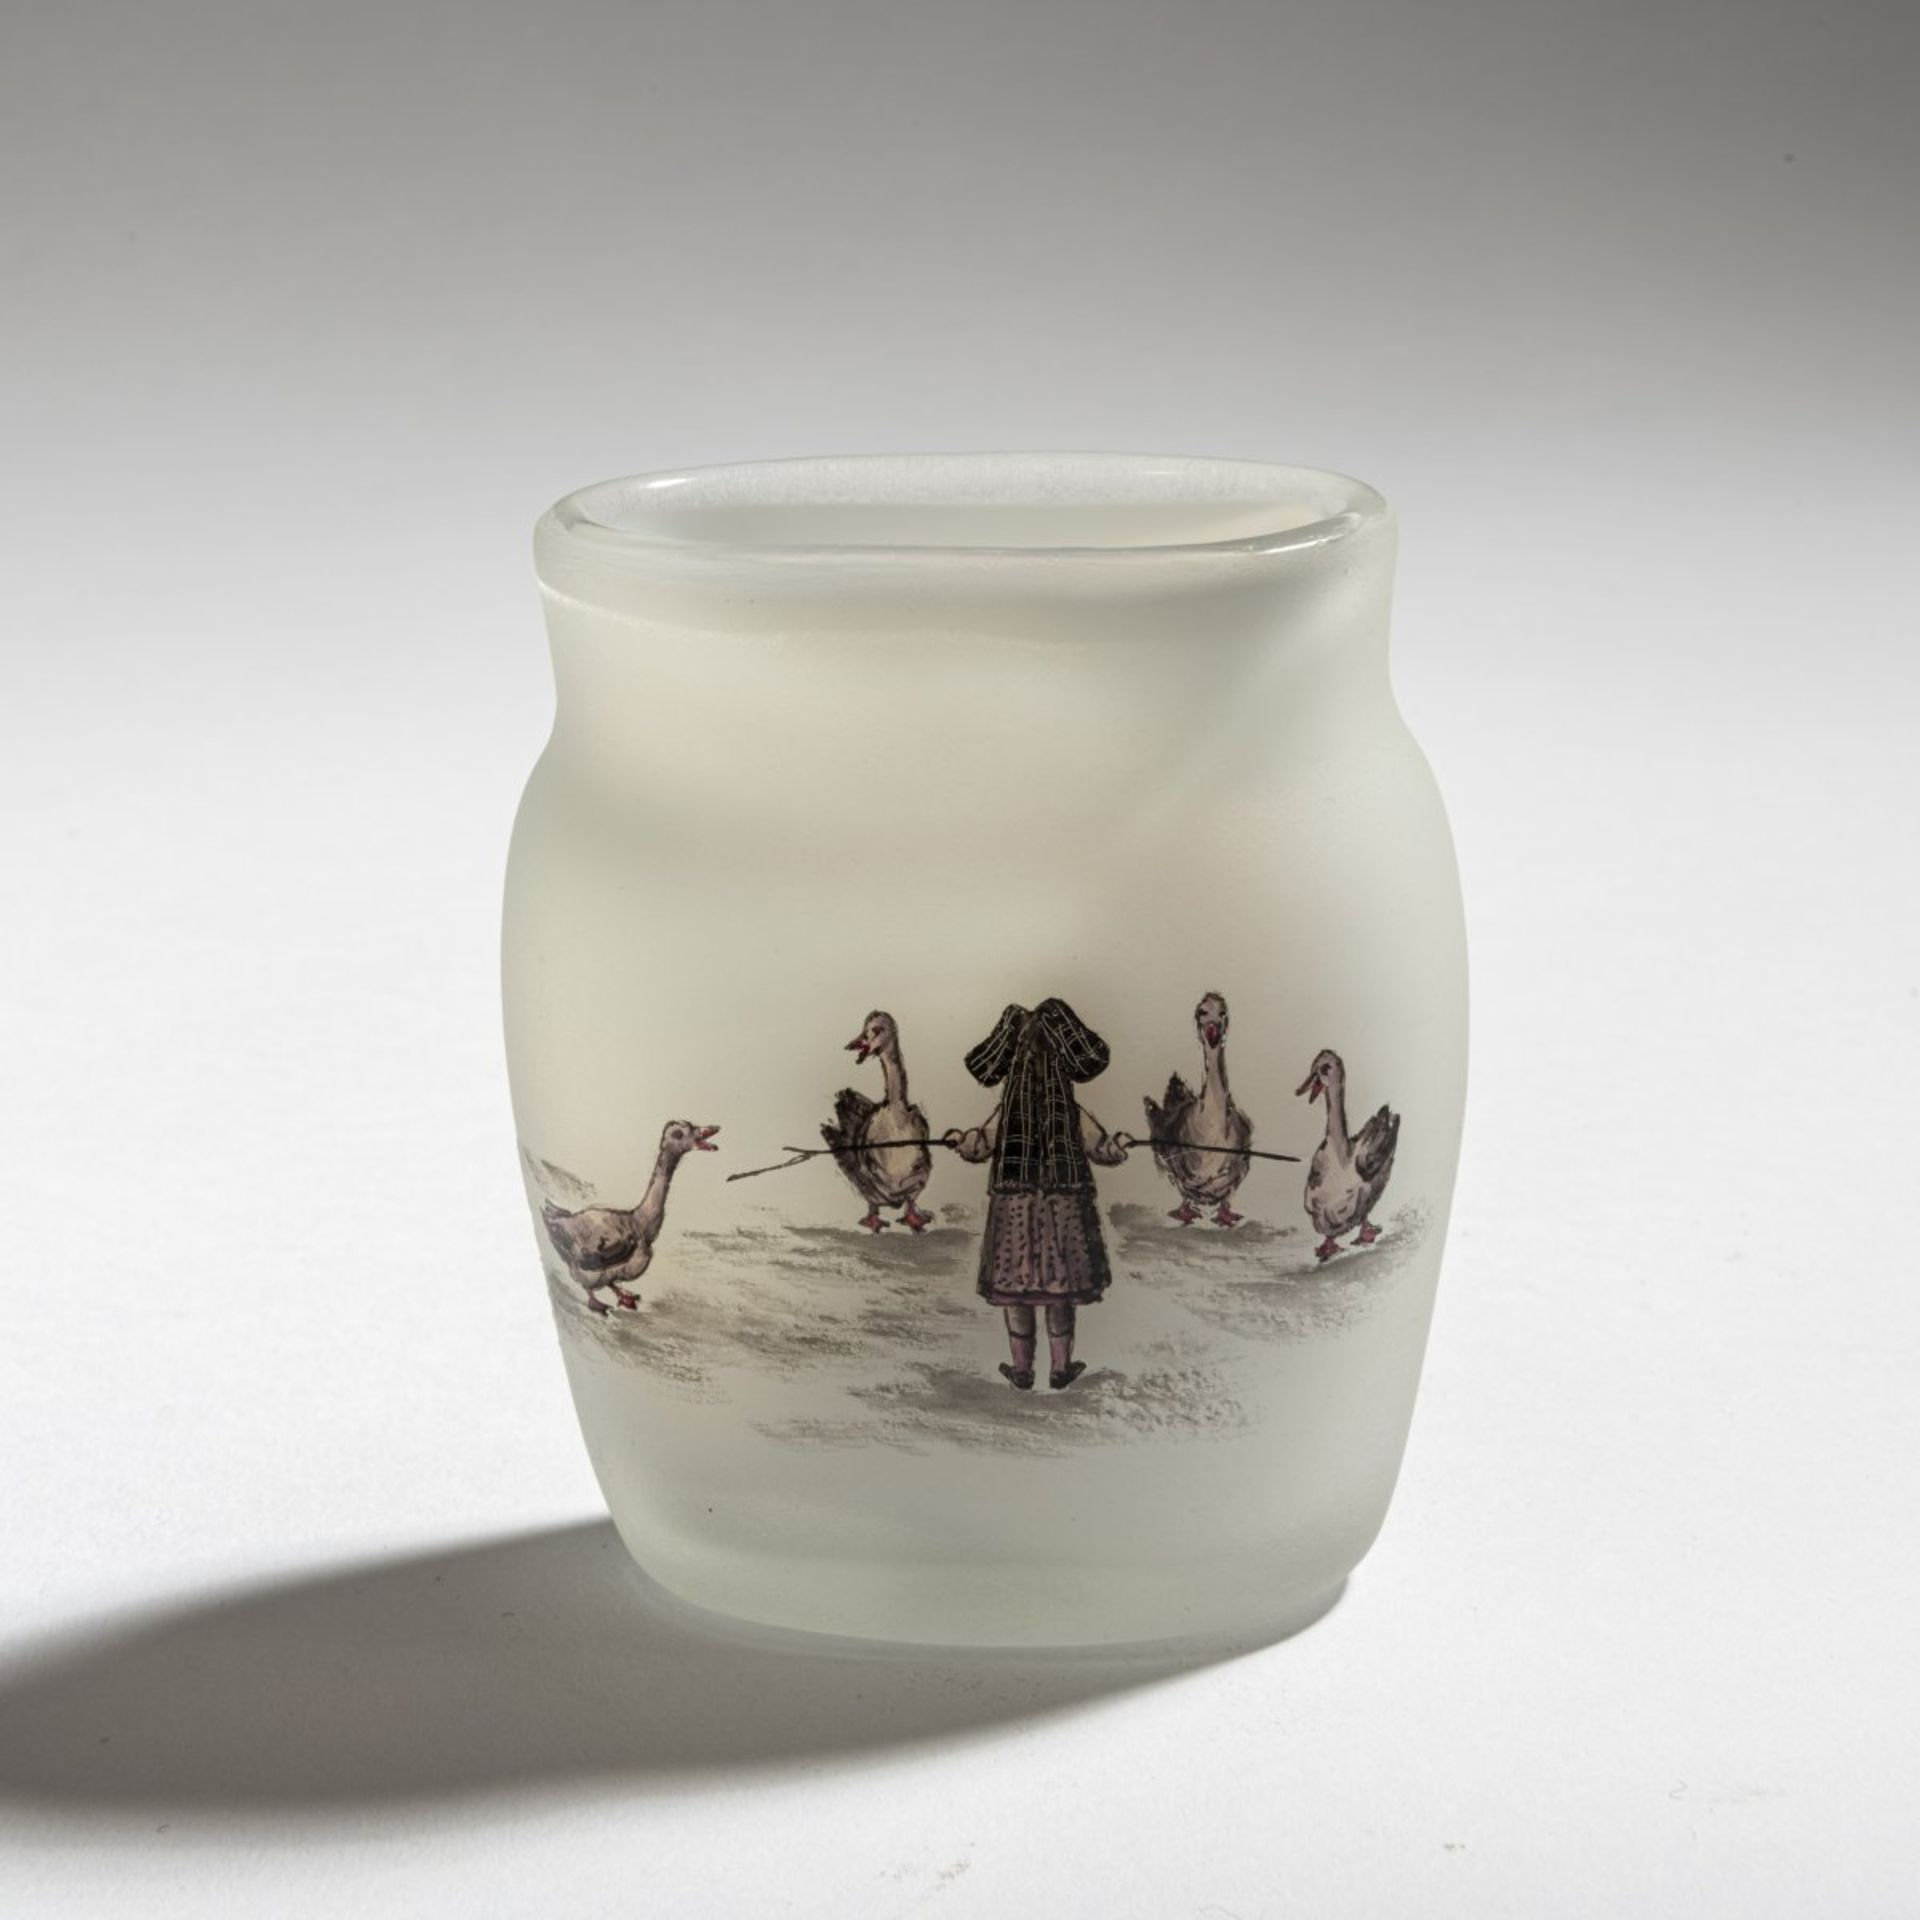 Daum Frères, Nancy, Vase 'La petite Gardeuse d'oies' (The Goose Girl), 1898 - Bild 3 aus 4